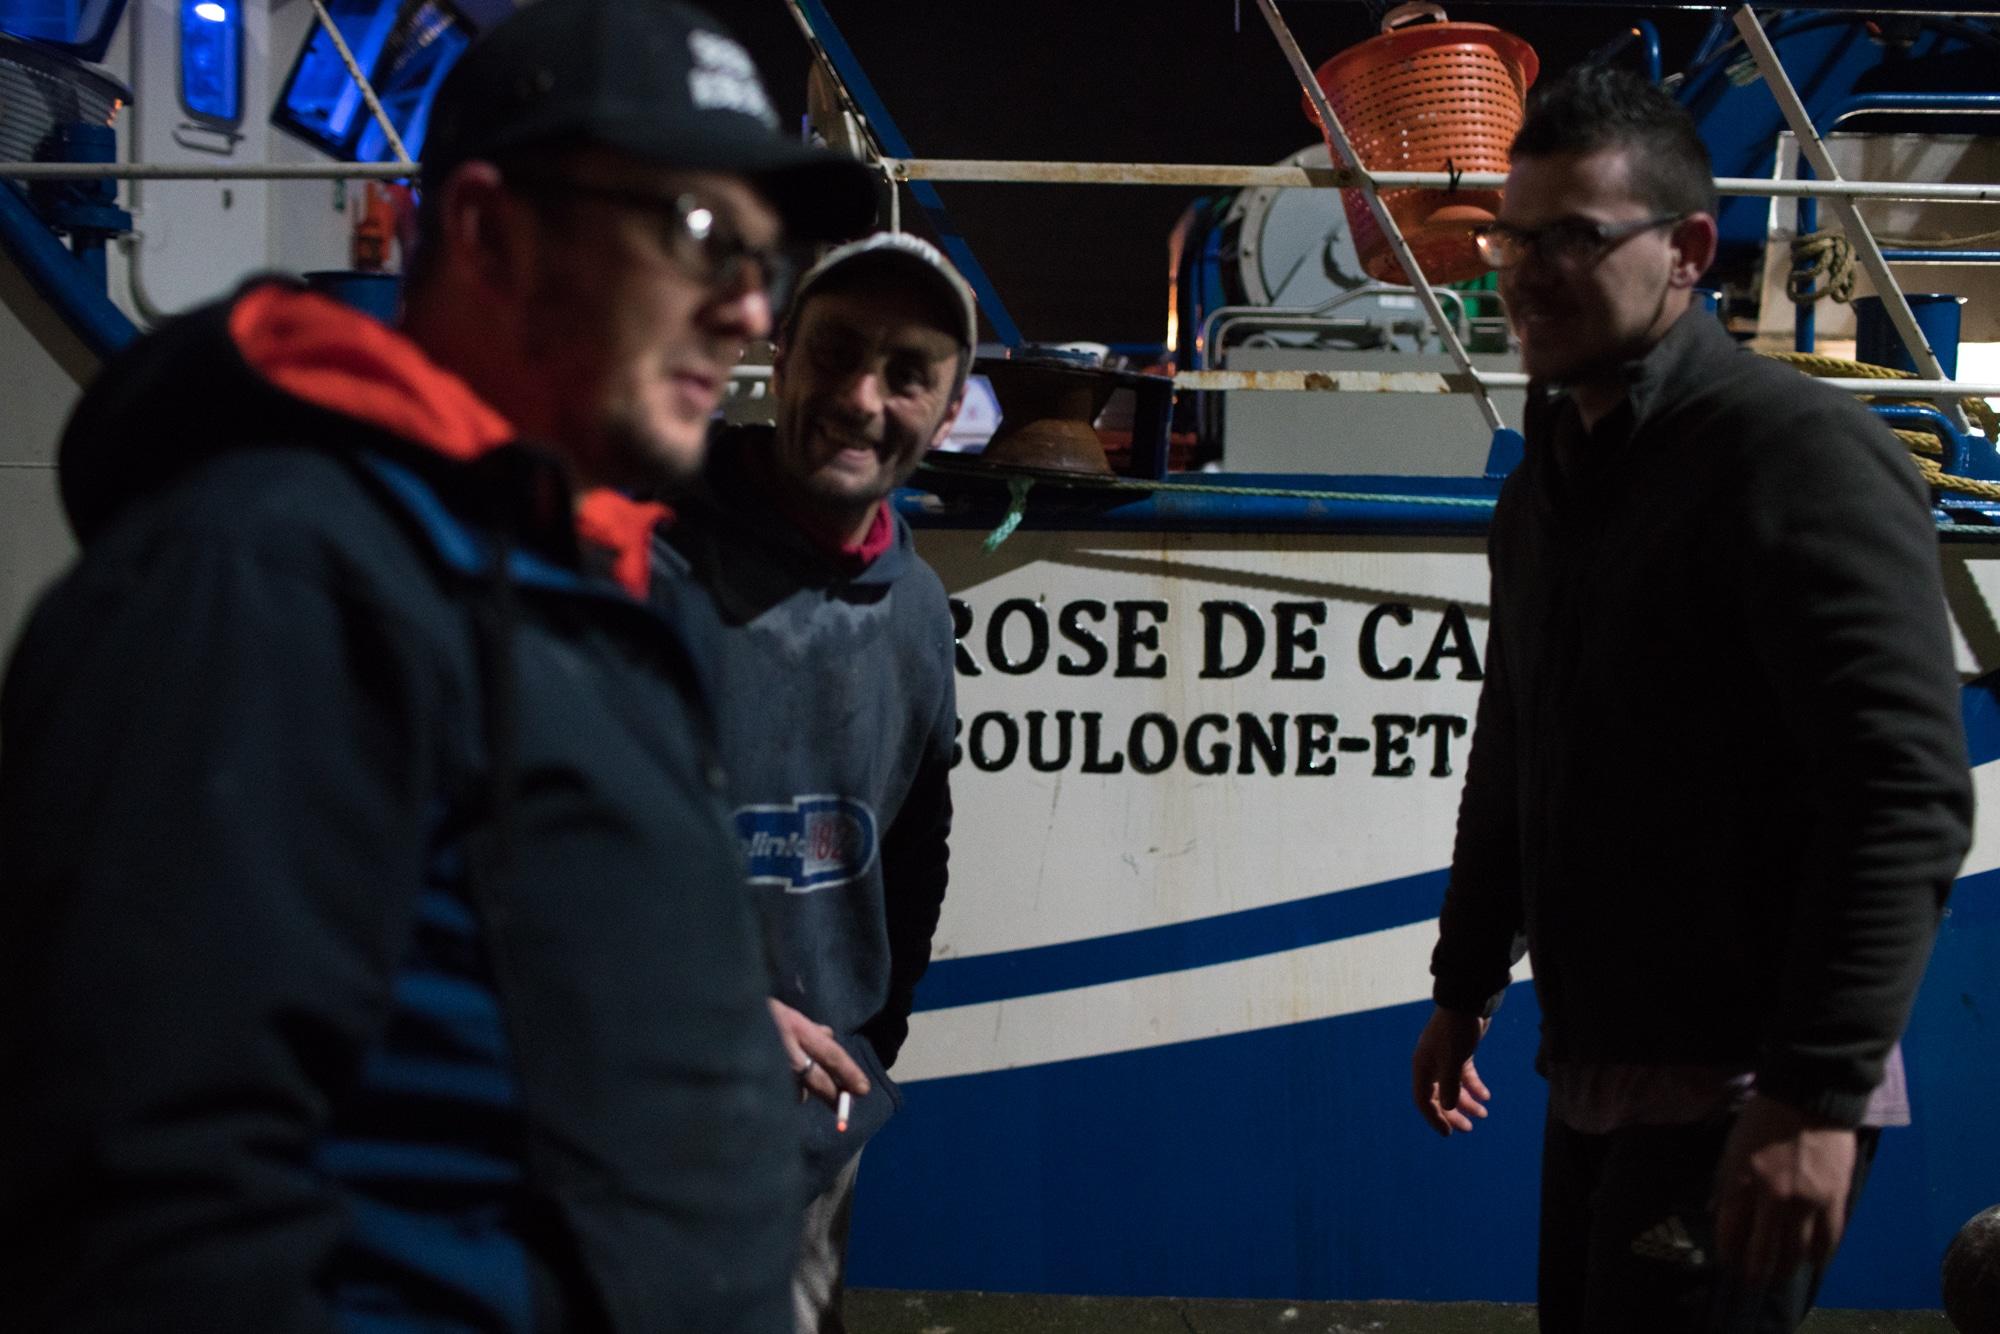 José Leprêtre et son équipe discutent devant le Rose de Cascia.